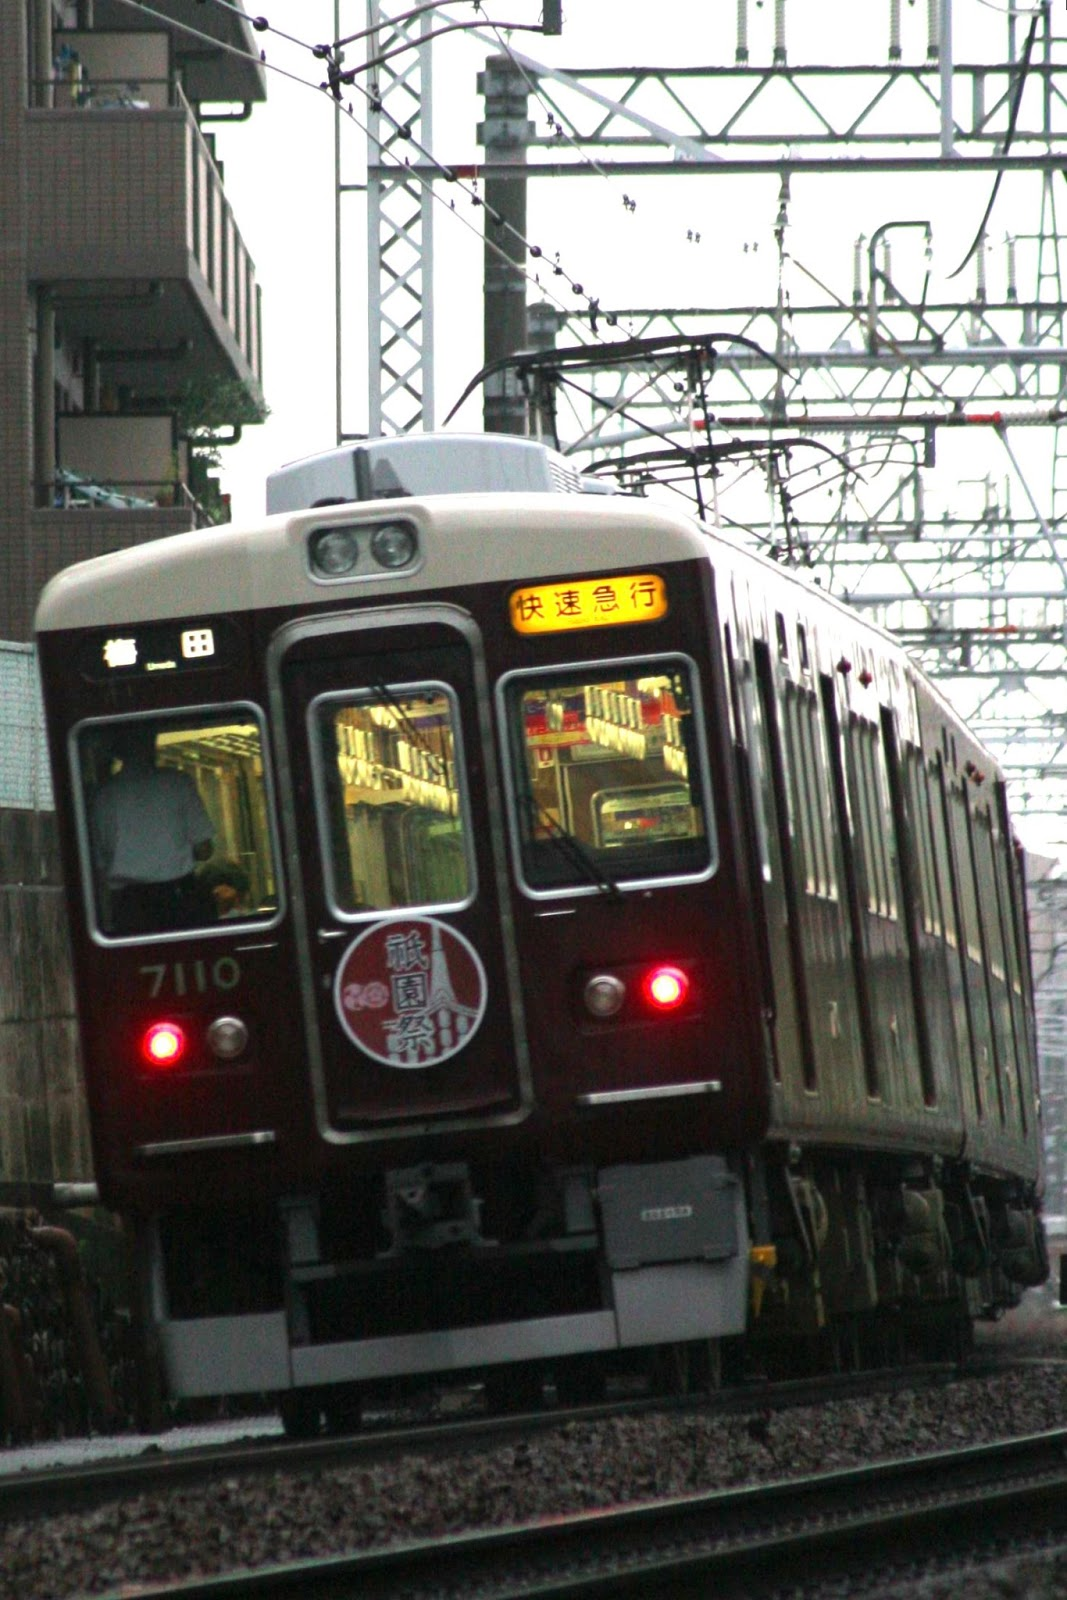 7010Fの祇園祭ヘッドマーク付きでした。 快速急行梅田行。